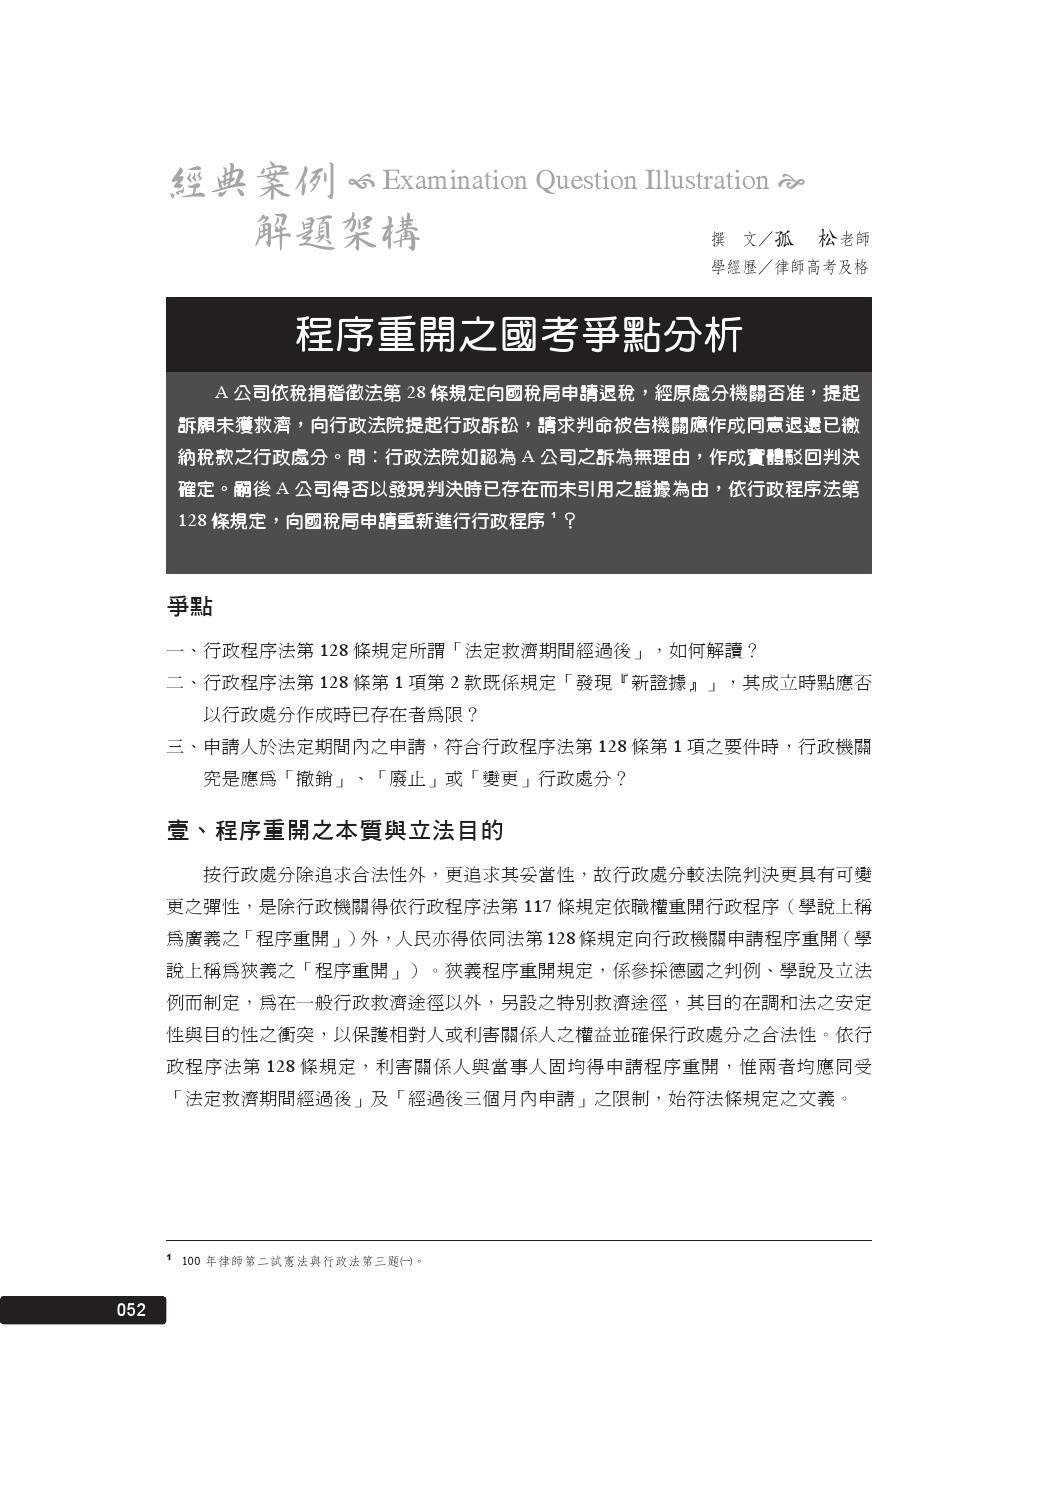 法律新聞雜誌146期-程序重開之國考爭點分析 by 國考專門店 - issuu